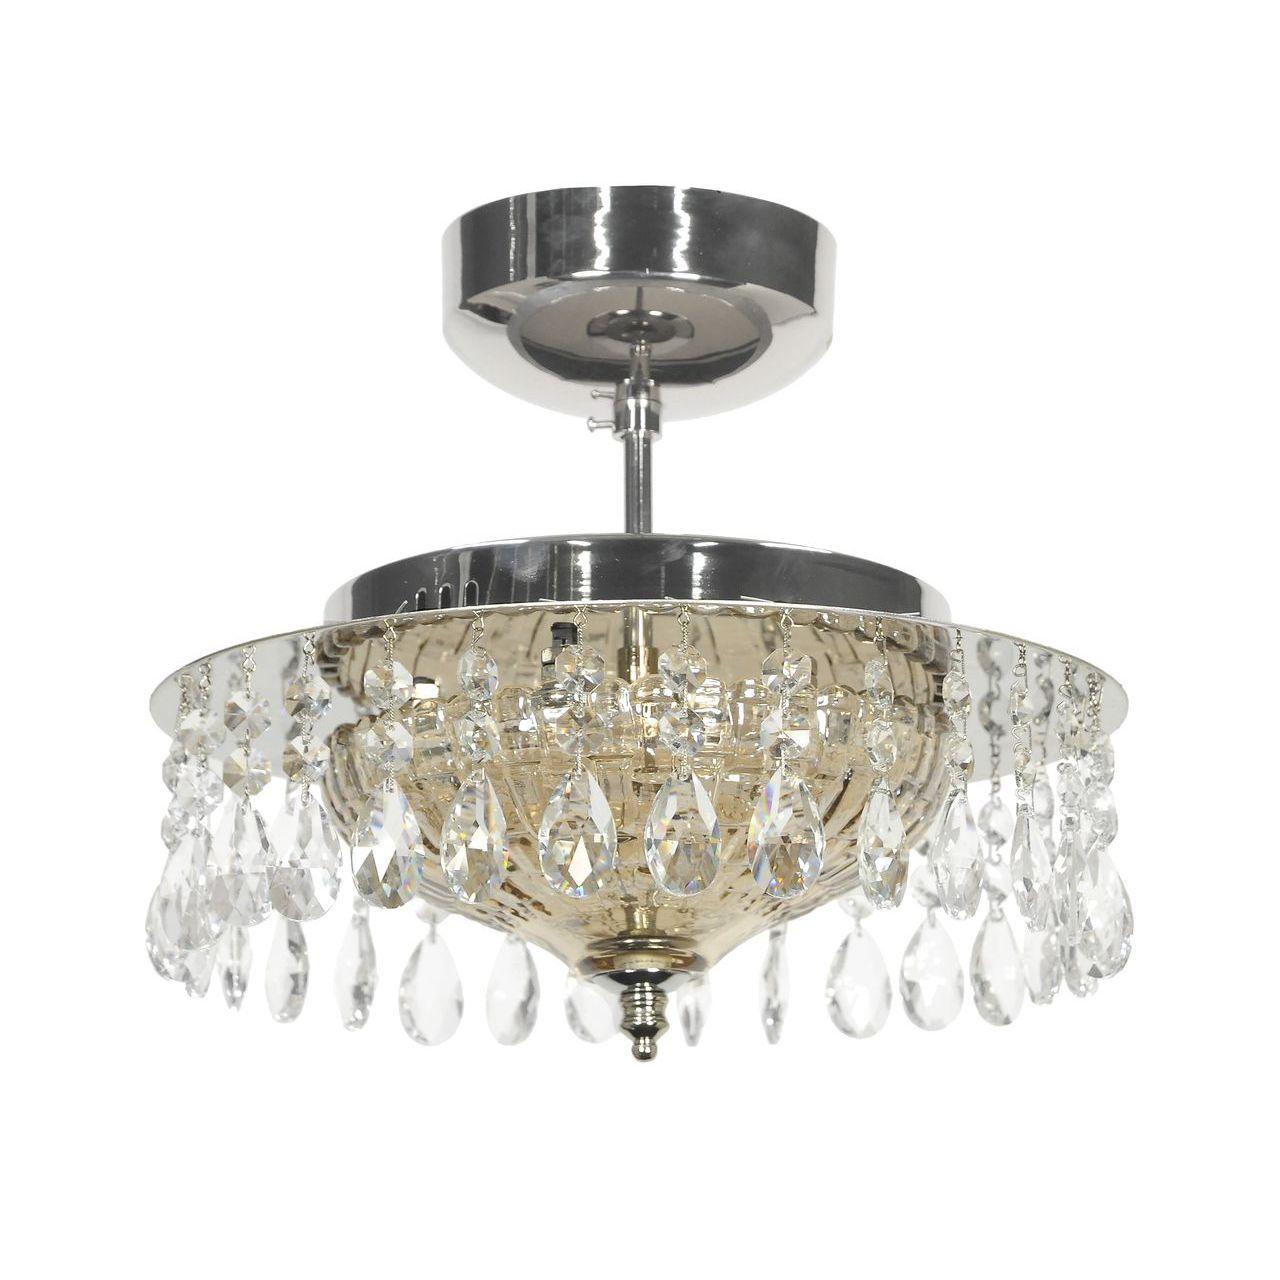 Потолочный светильник Lucia Tucci Eva 1630.6 Silver потолочный светодиодный светильник lucia tucci grappolo 1801 6 silver